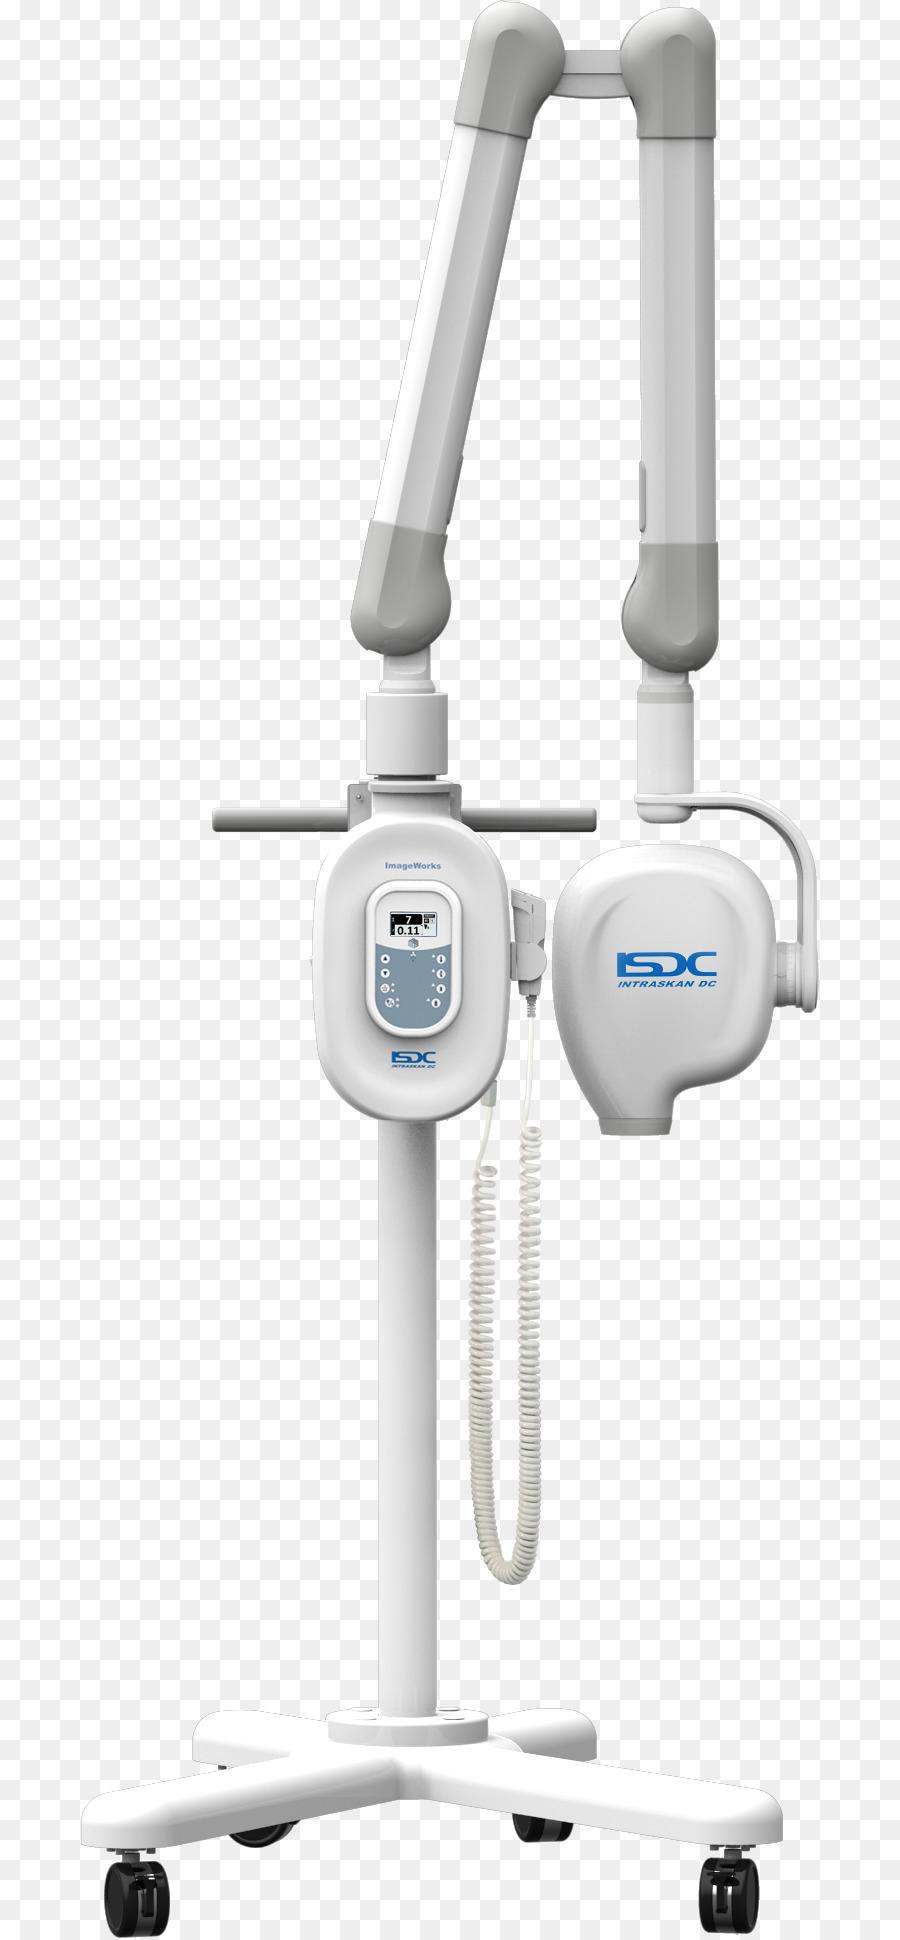 La radiografía Dental generador de rayos X de Odontología - la ...